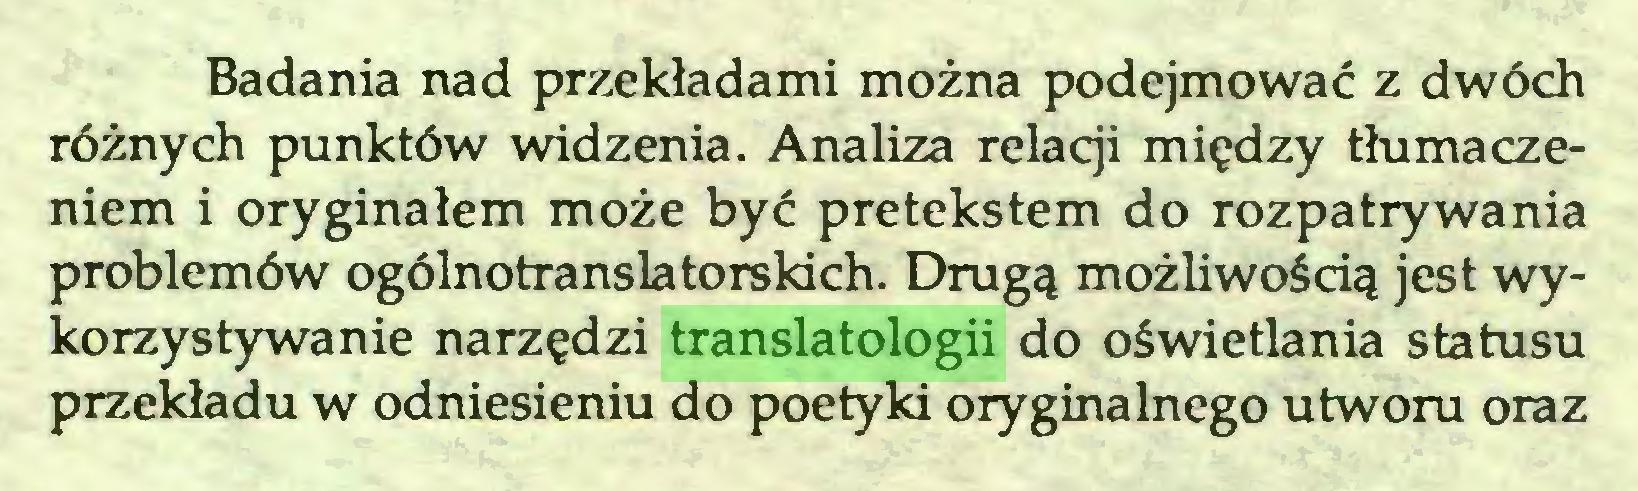 (...) Badania nad przekładami można podejmować z dwóch różnych punktów widzenia. Analiza relacji między tłumaczeniem i oryginałem może być pretekstem do rozpatrywania problemów ogólnotranslatorskich. Drugą możliwością jest wykorzystywanie narzędzi translatologii do oświetlania statusu przekładu w odniesieniu do poetyki oryginalnego utworu oraz...